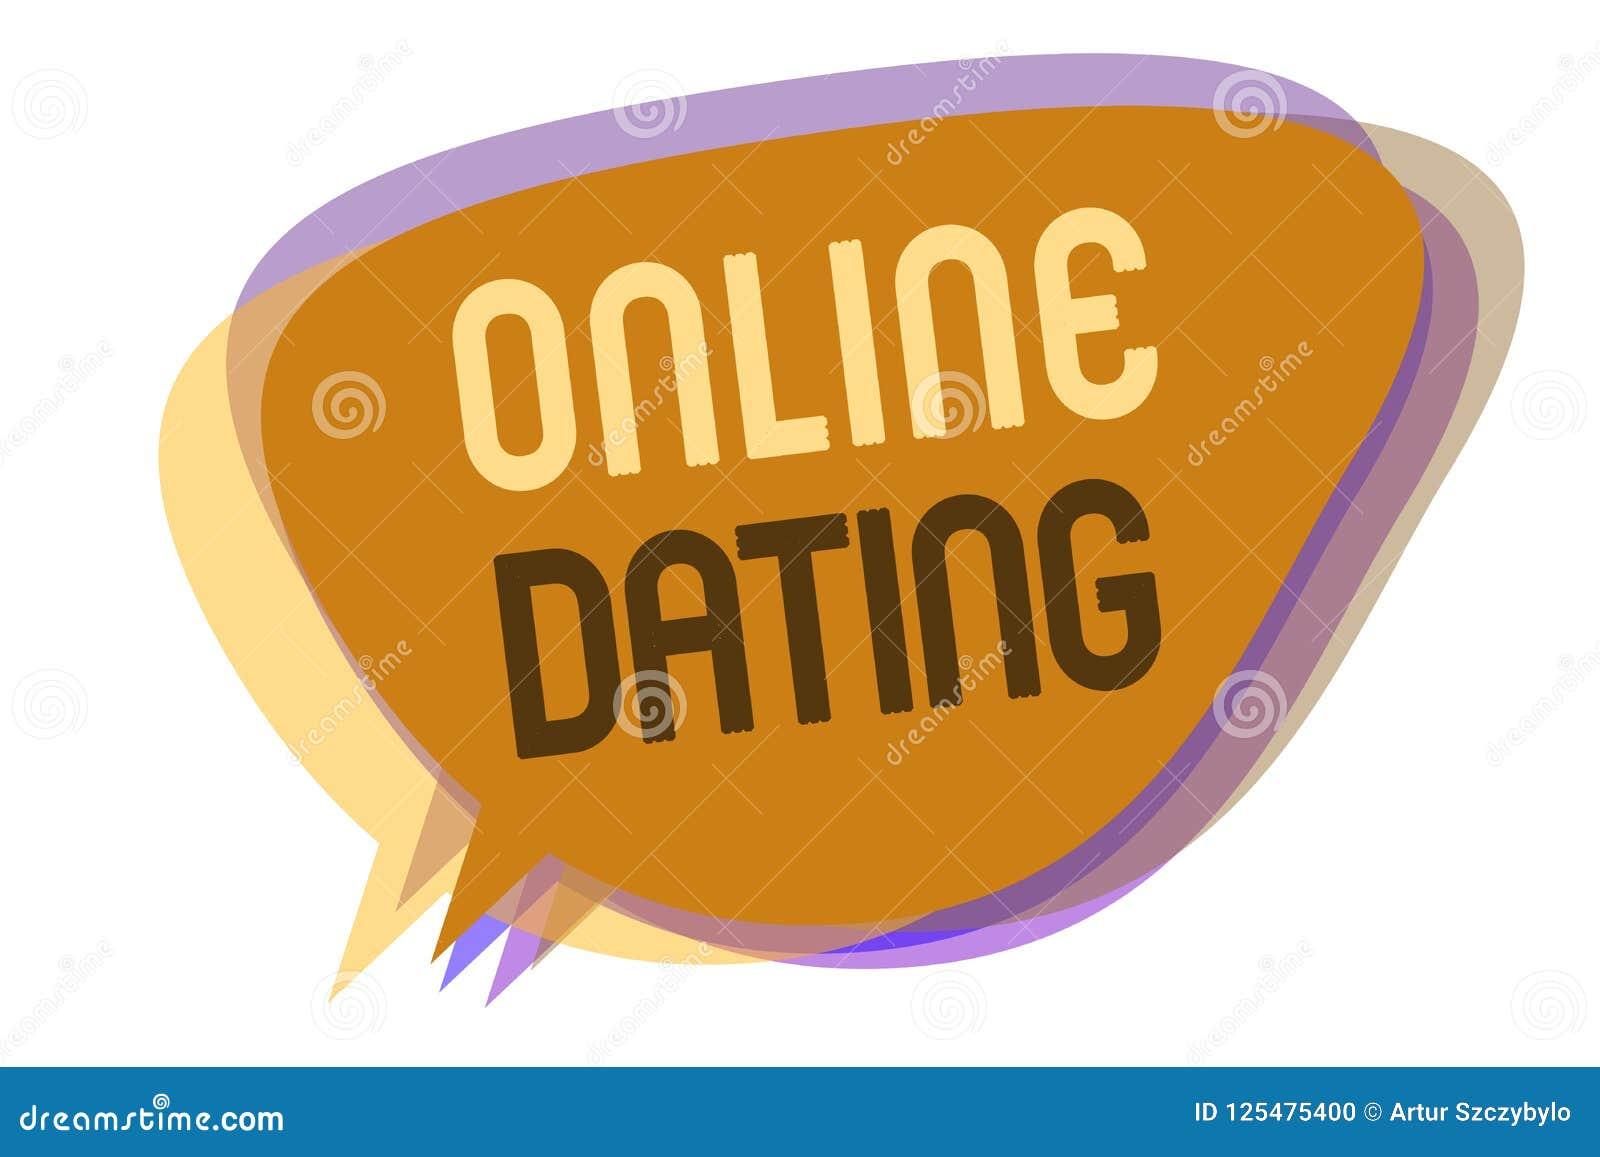 Litouwen dating sites